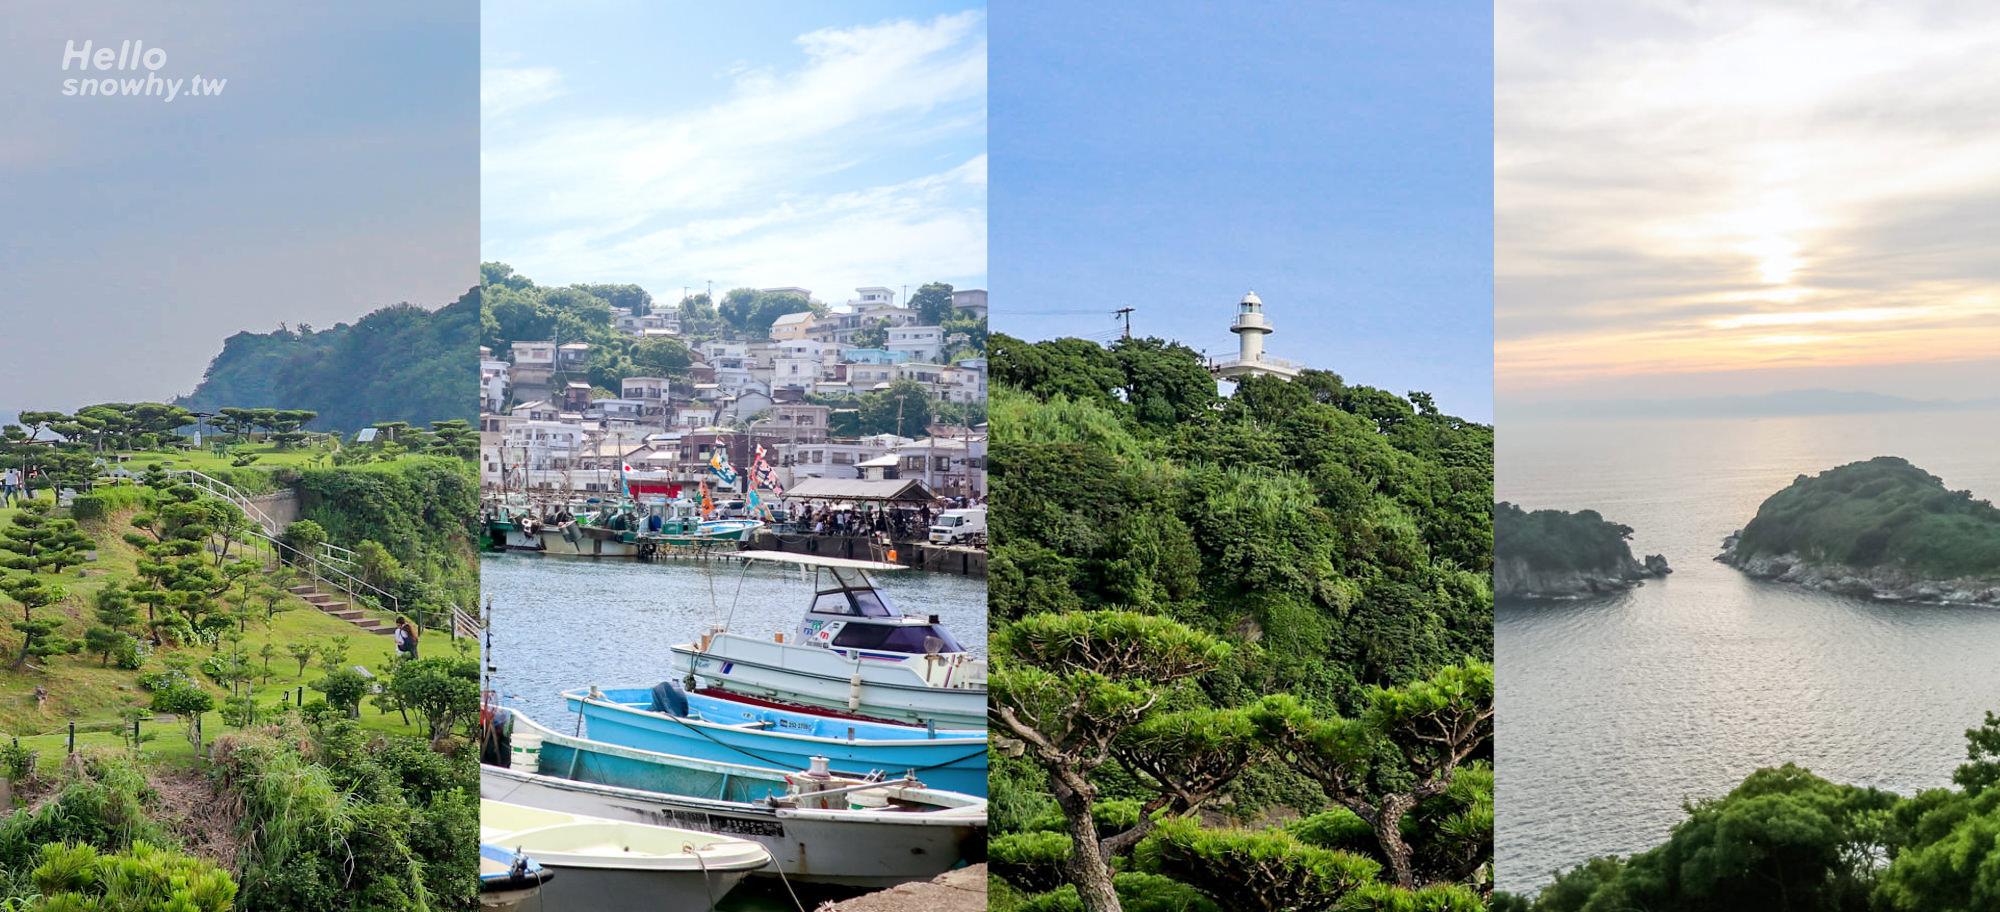 和歌山 奧和歌浦 雜賀崎半日遊、雜賀崎景點 | 雜賀崎漁港、番所庭園、雜賀崎燈塔、漁港咖啡廳